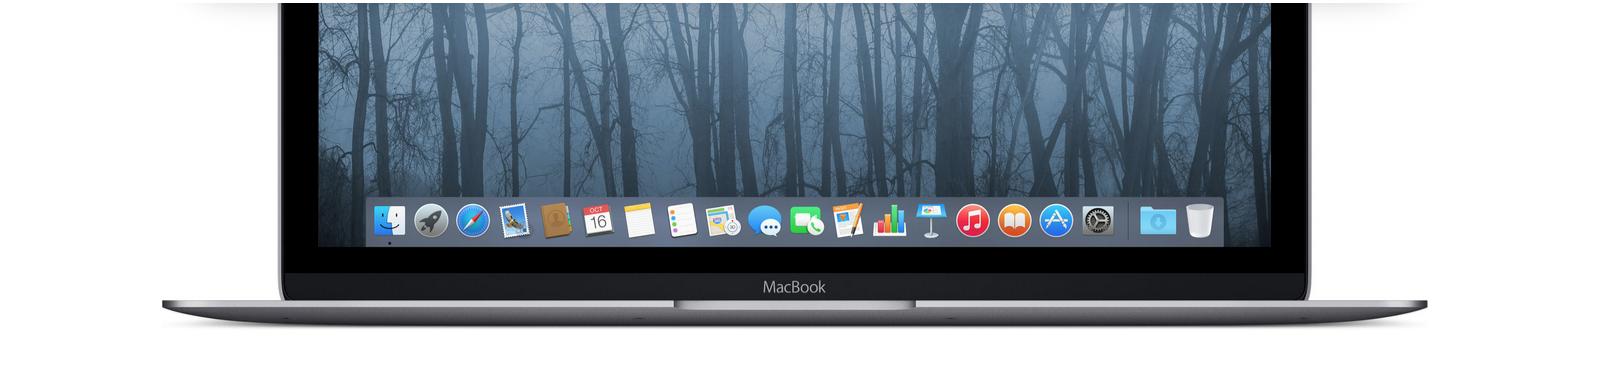 MacBook aplikacje